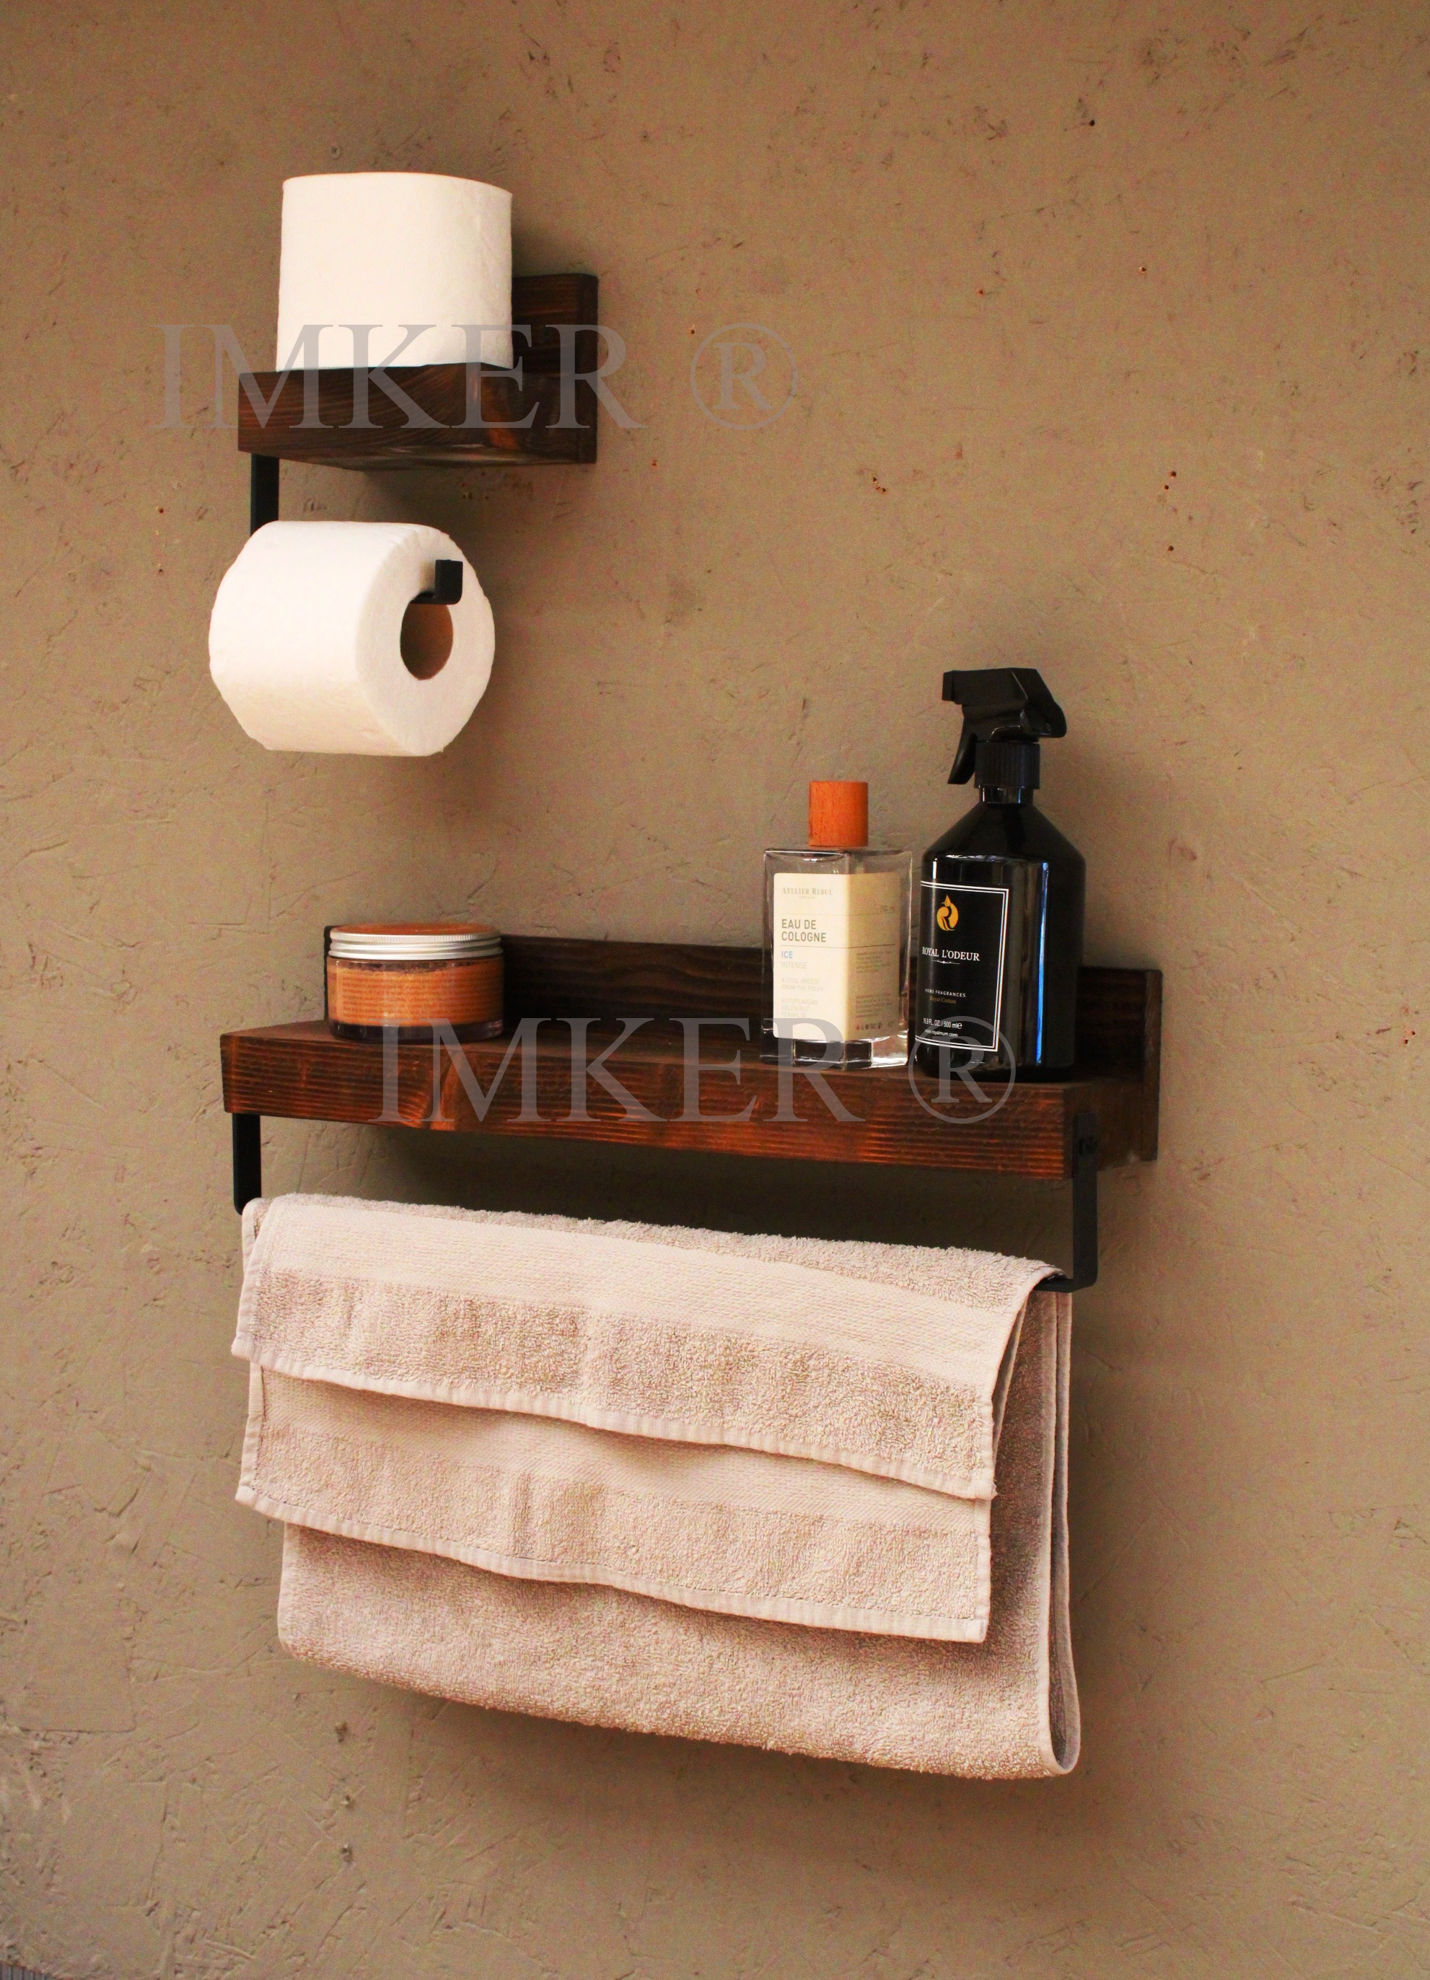 Imker ahşap wc kağıtlık tuvalet kağıtlığı tuvalet kağıdı askısı kağıt havluluk 2li banyo organizer 5334470 resmi